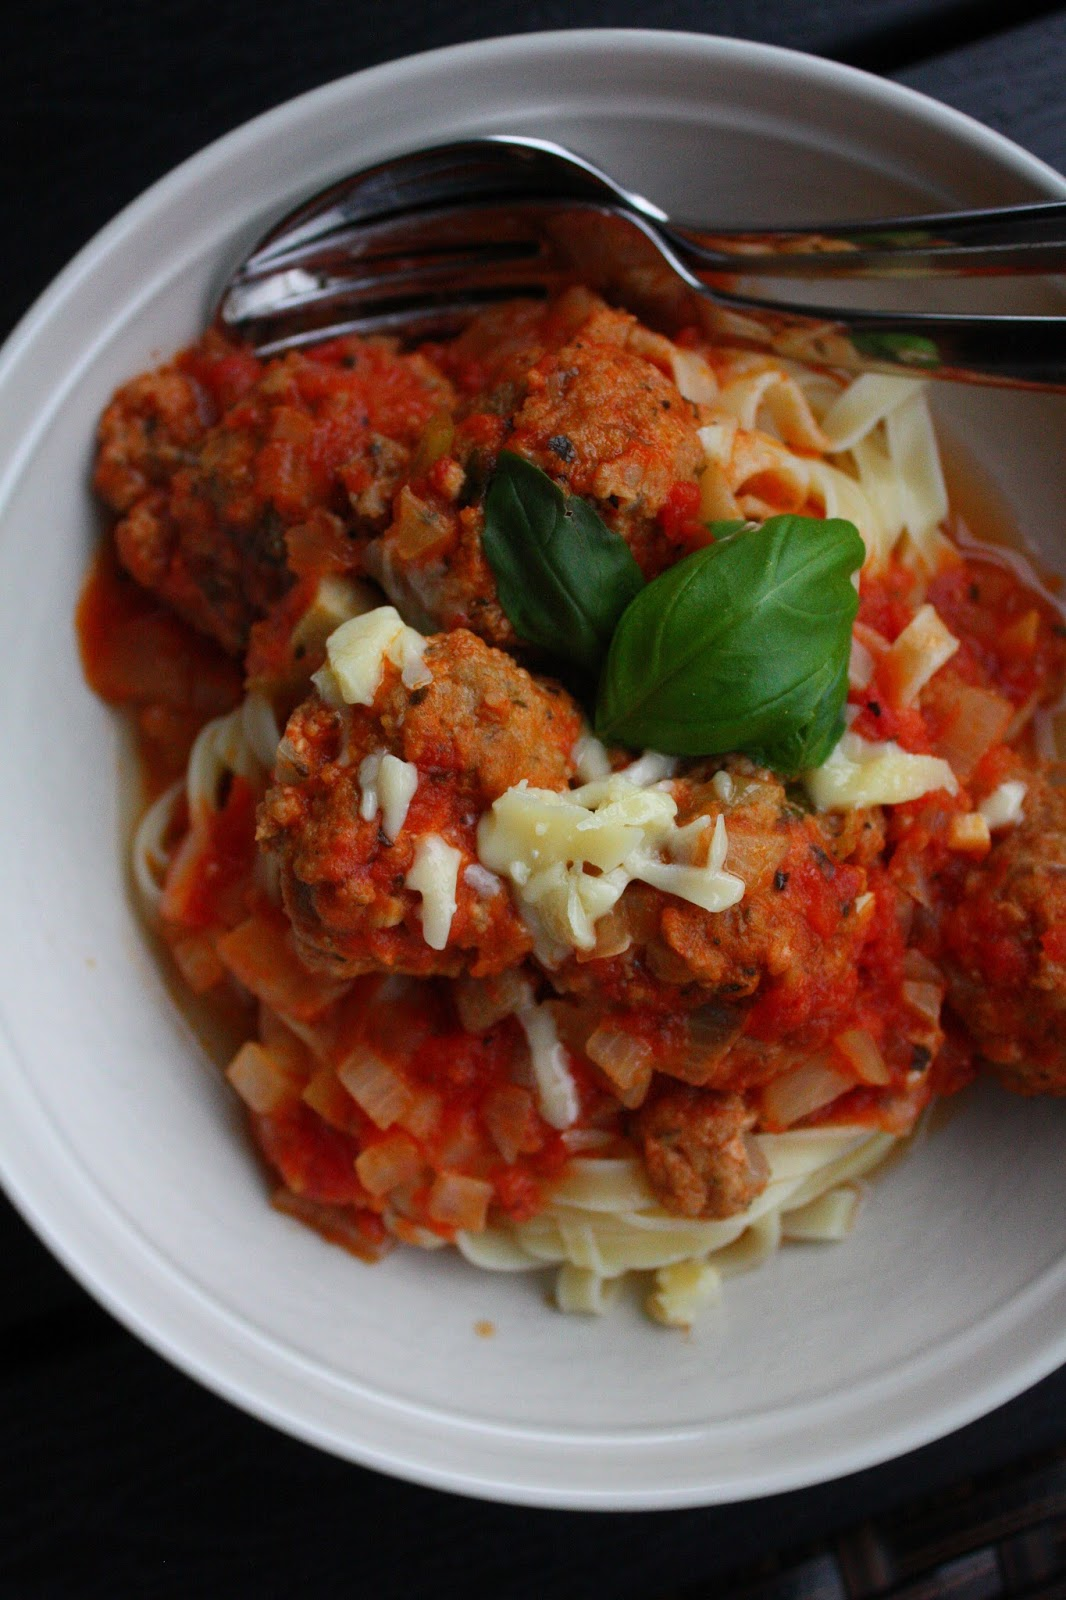 frikadelli lihapulla lihapyörykkä italia tomaattikastike resepti